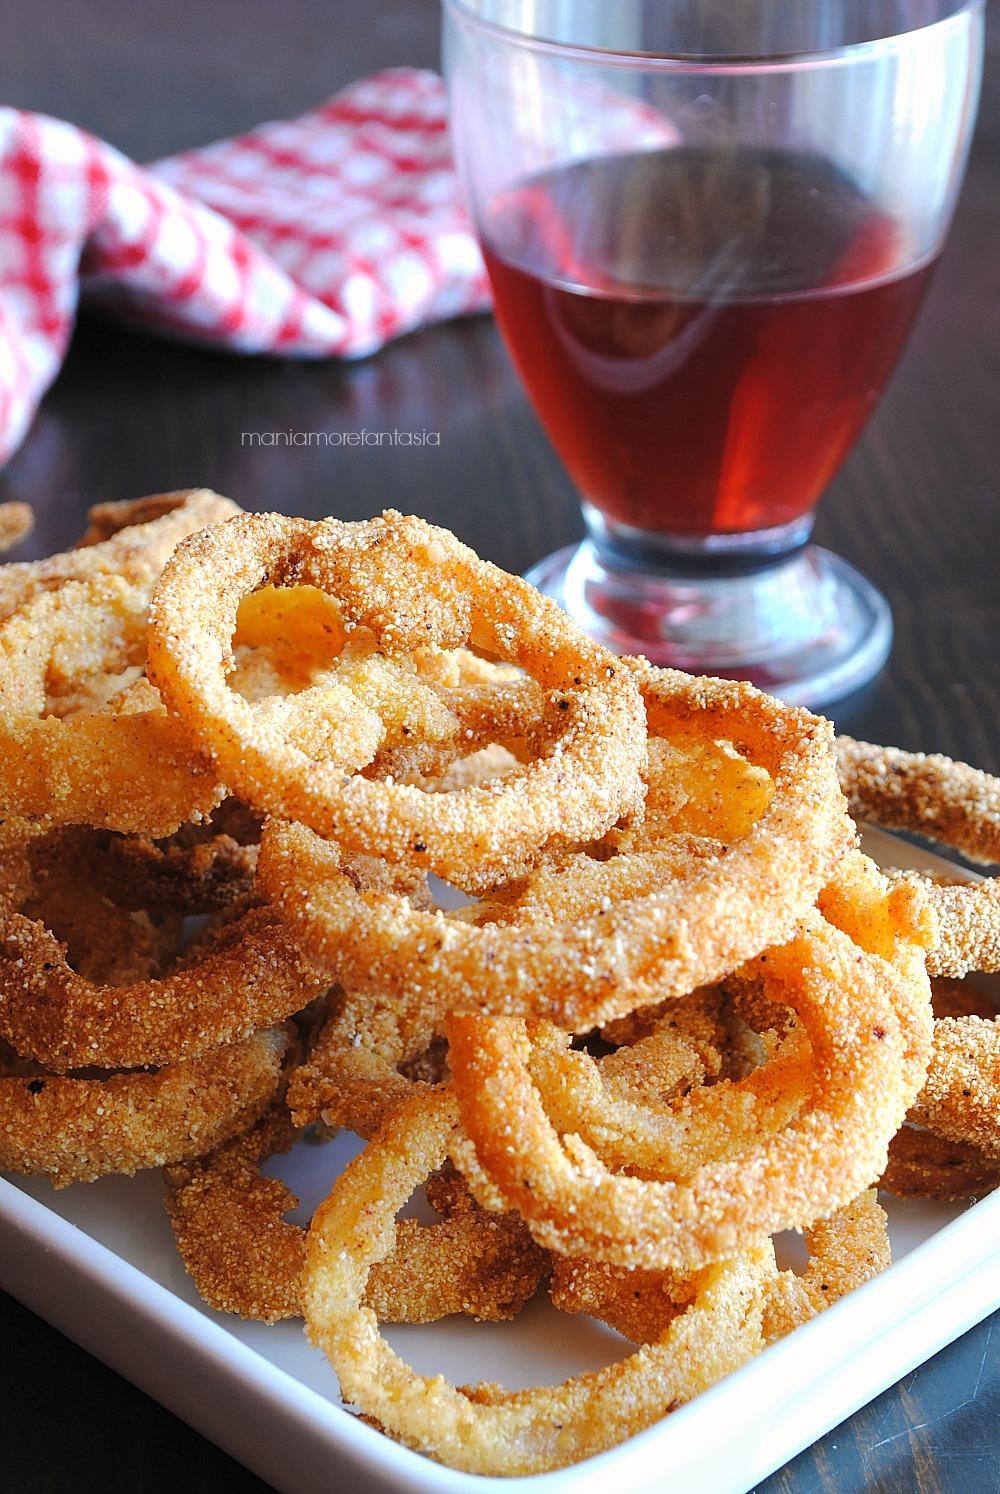 anelli di cipolla croccanti fritti